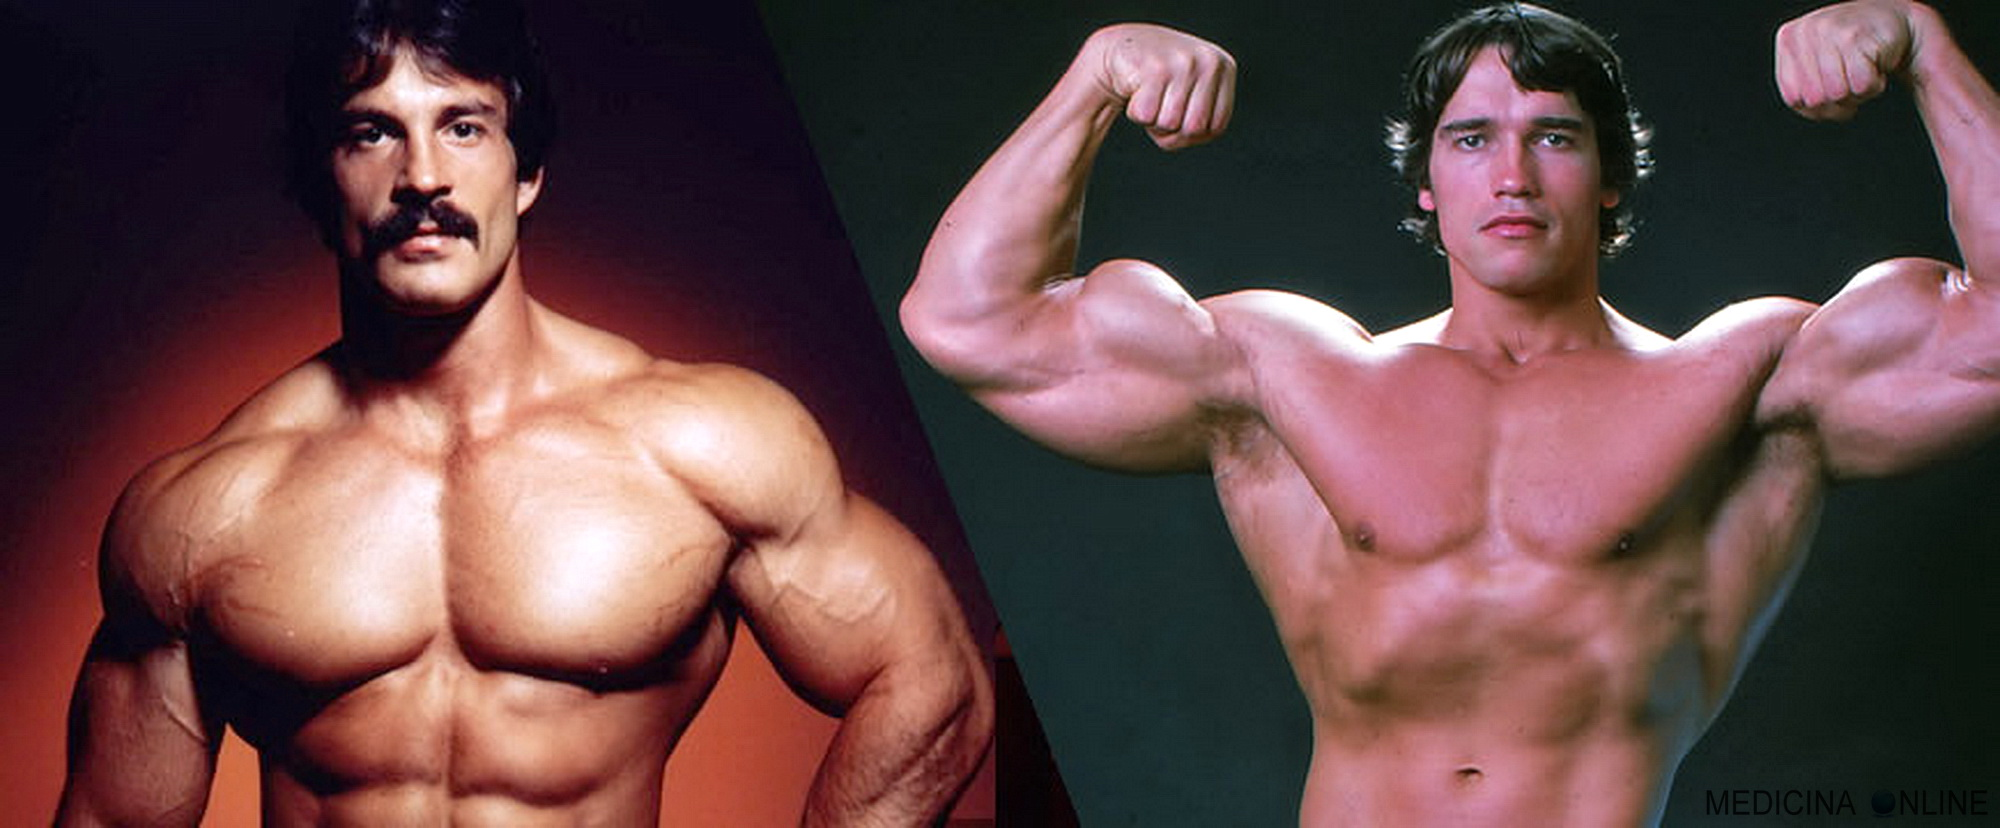 steroidi e crescita del pene